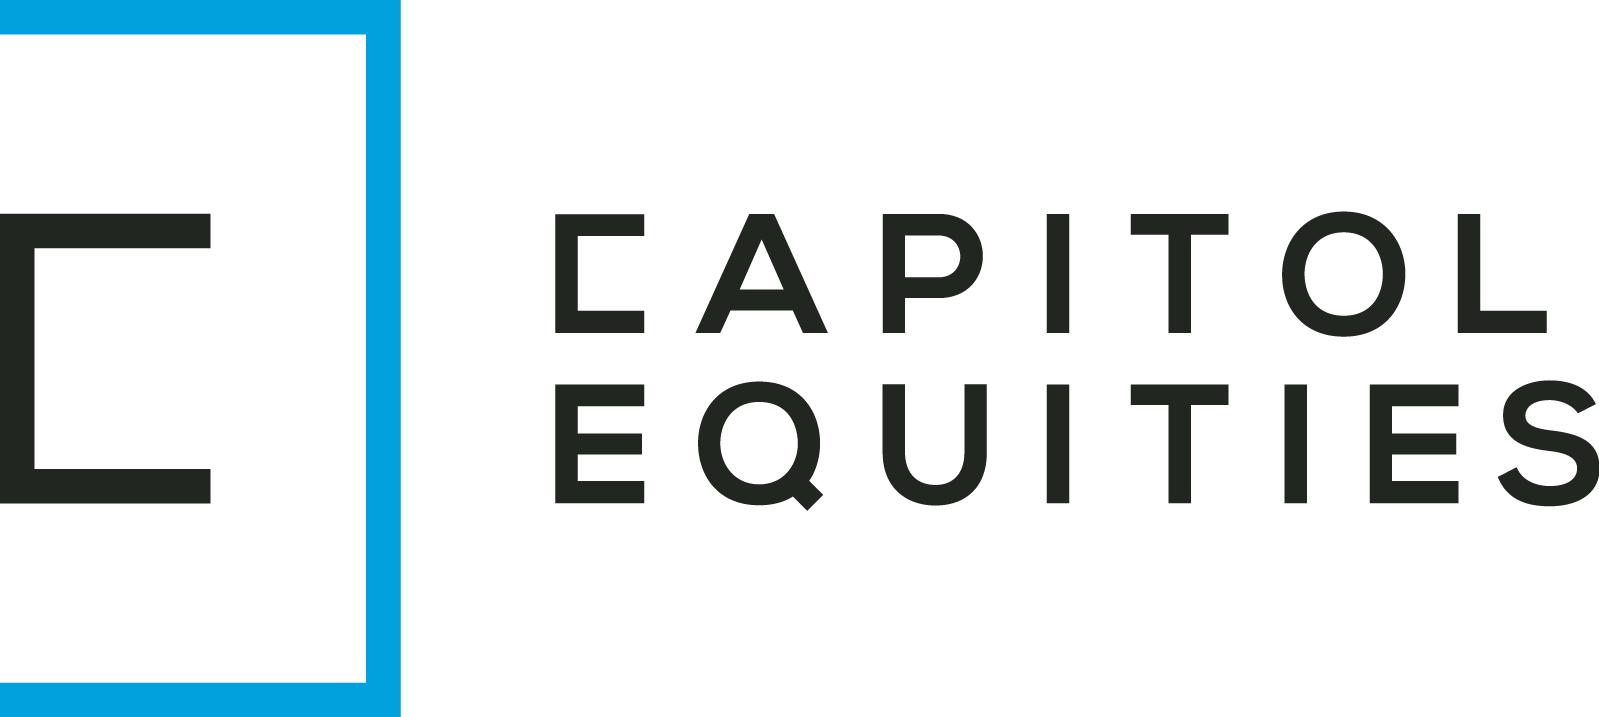 Capital Equiies Logo